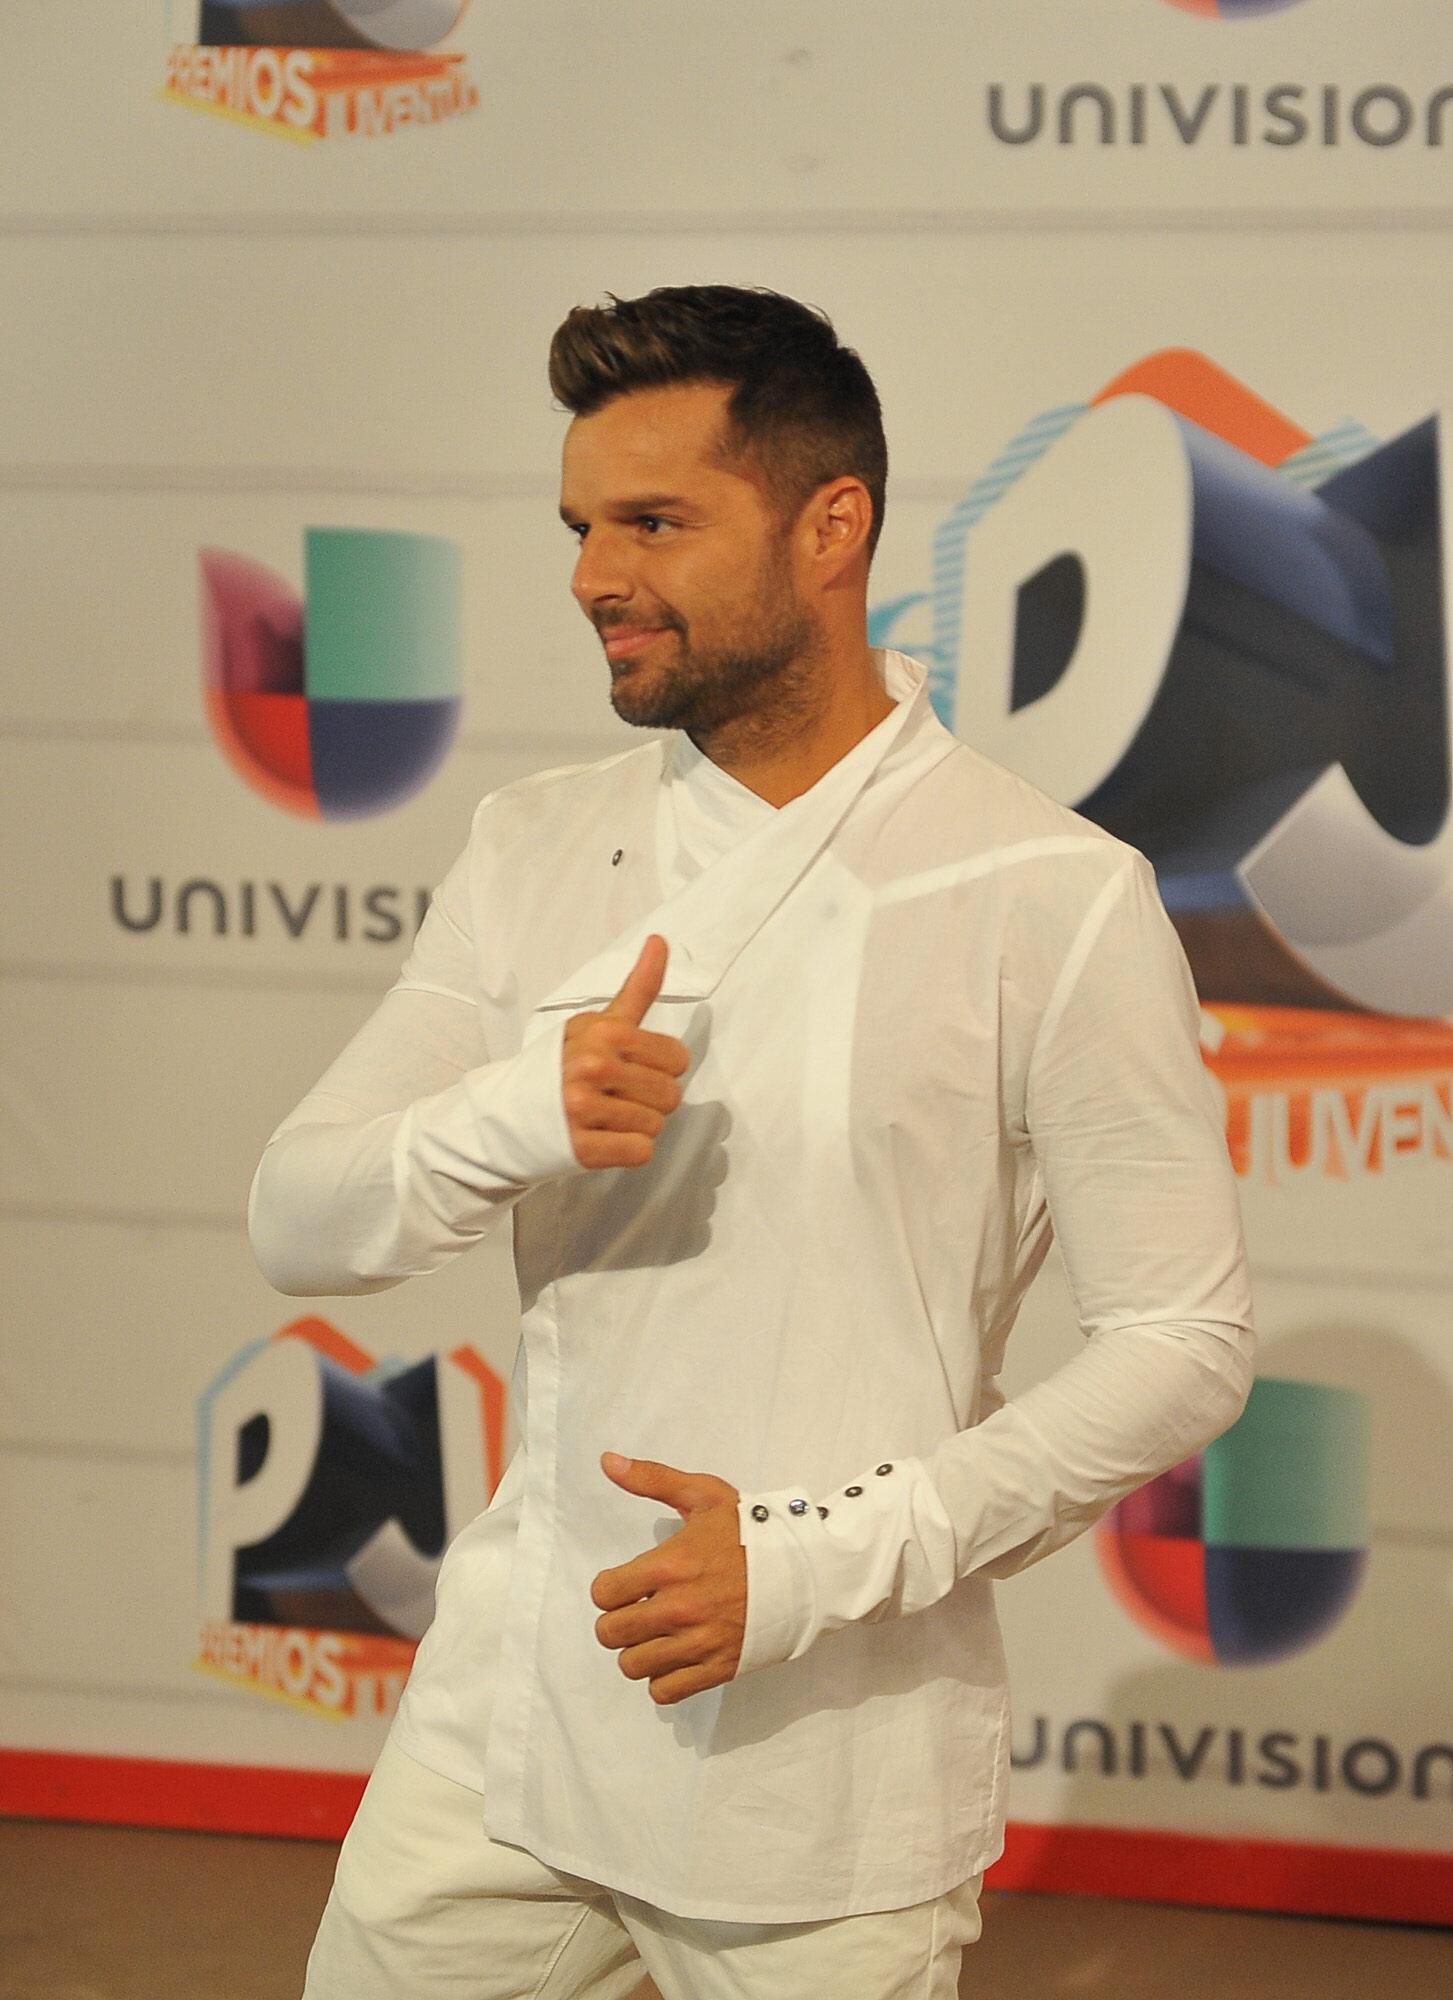 Ricky Martin confiesa que solía despreciar a los homosexuales